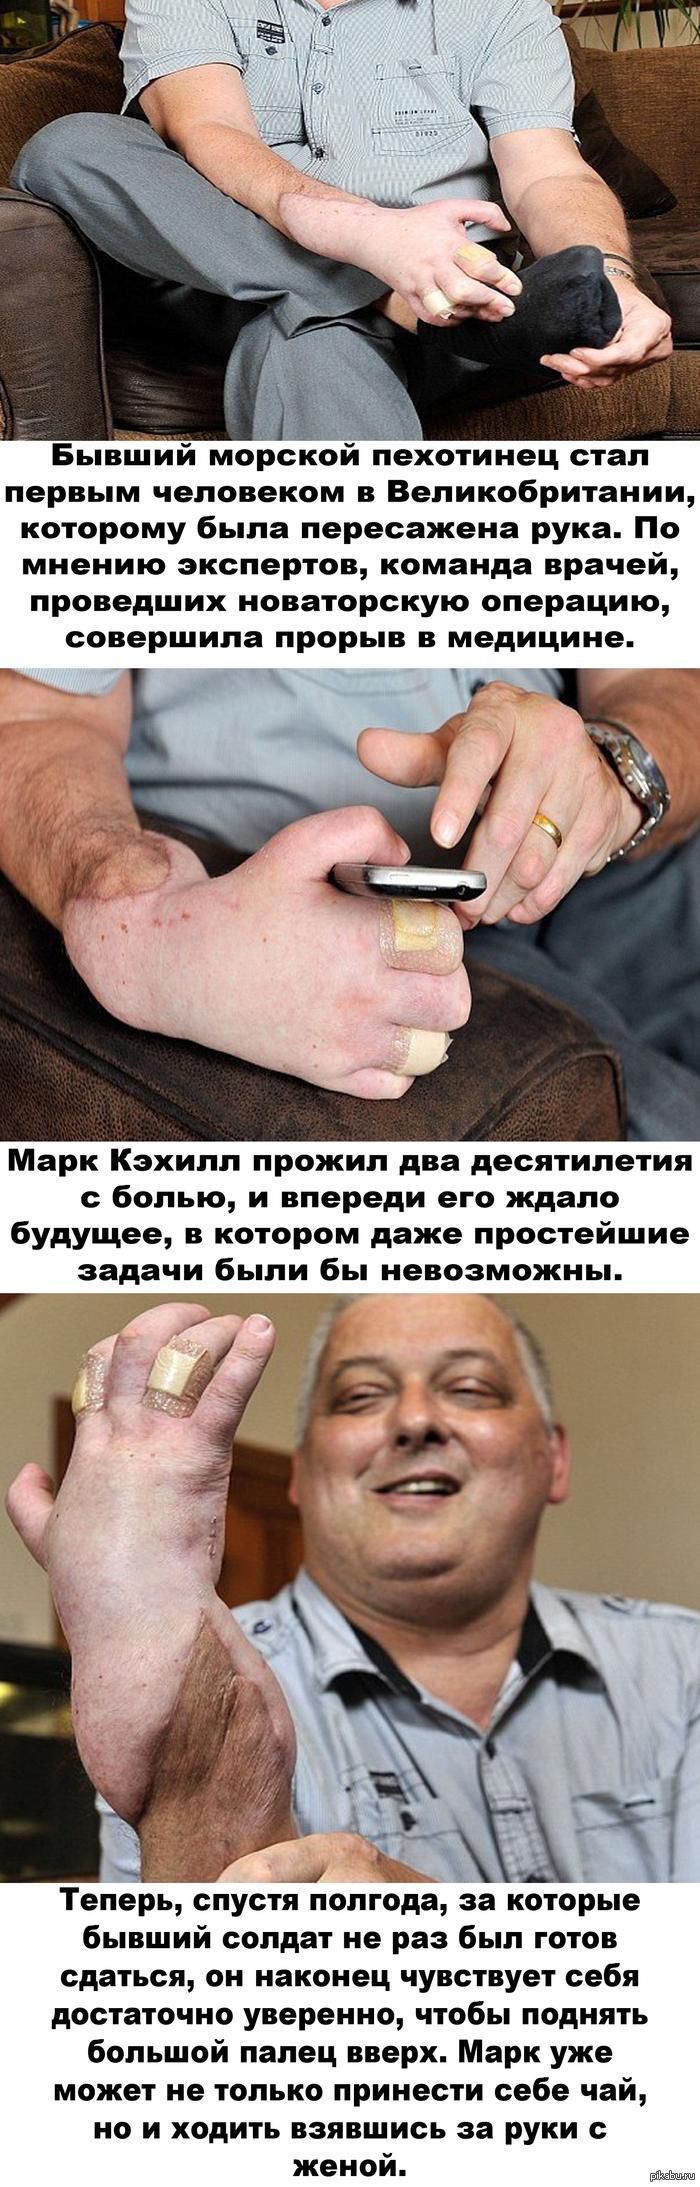 Успешная пересадка донорской руки.